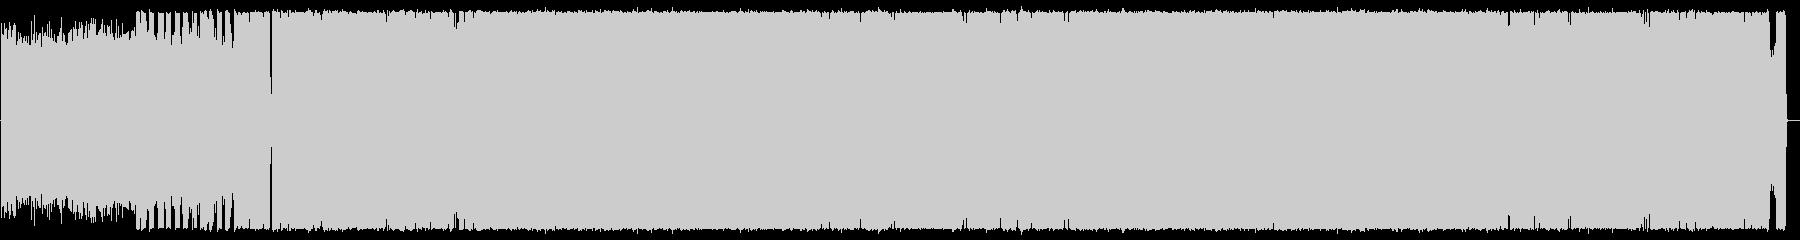 シャッフルビート・激しいメタルの未再生の波形